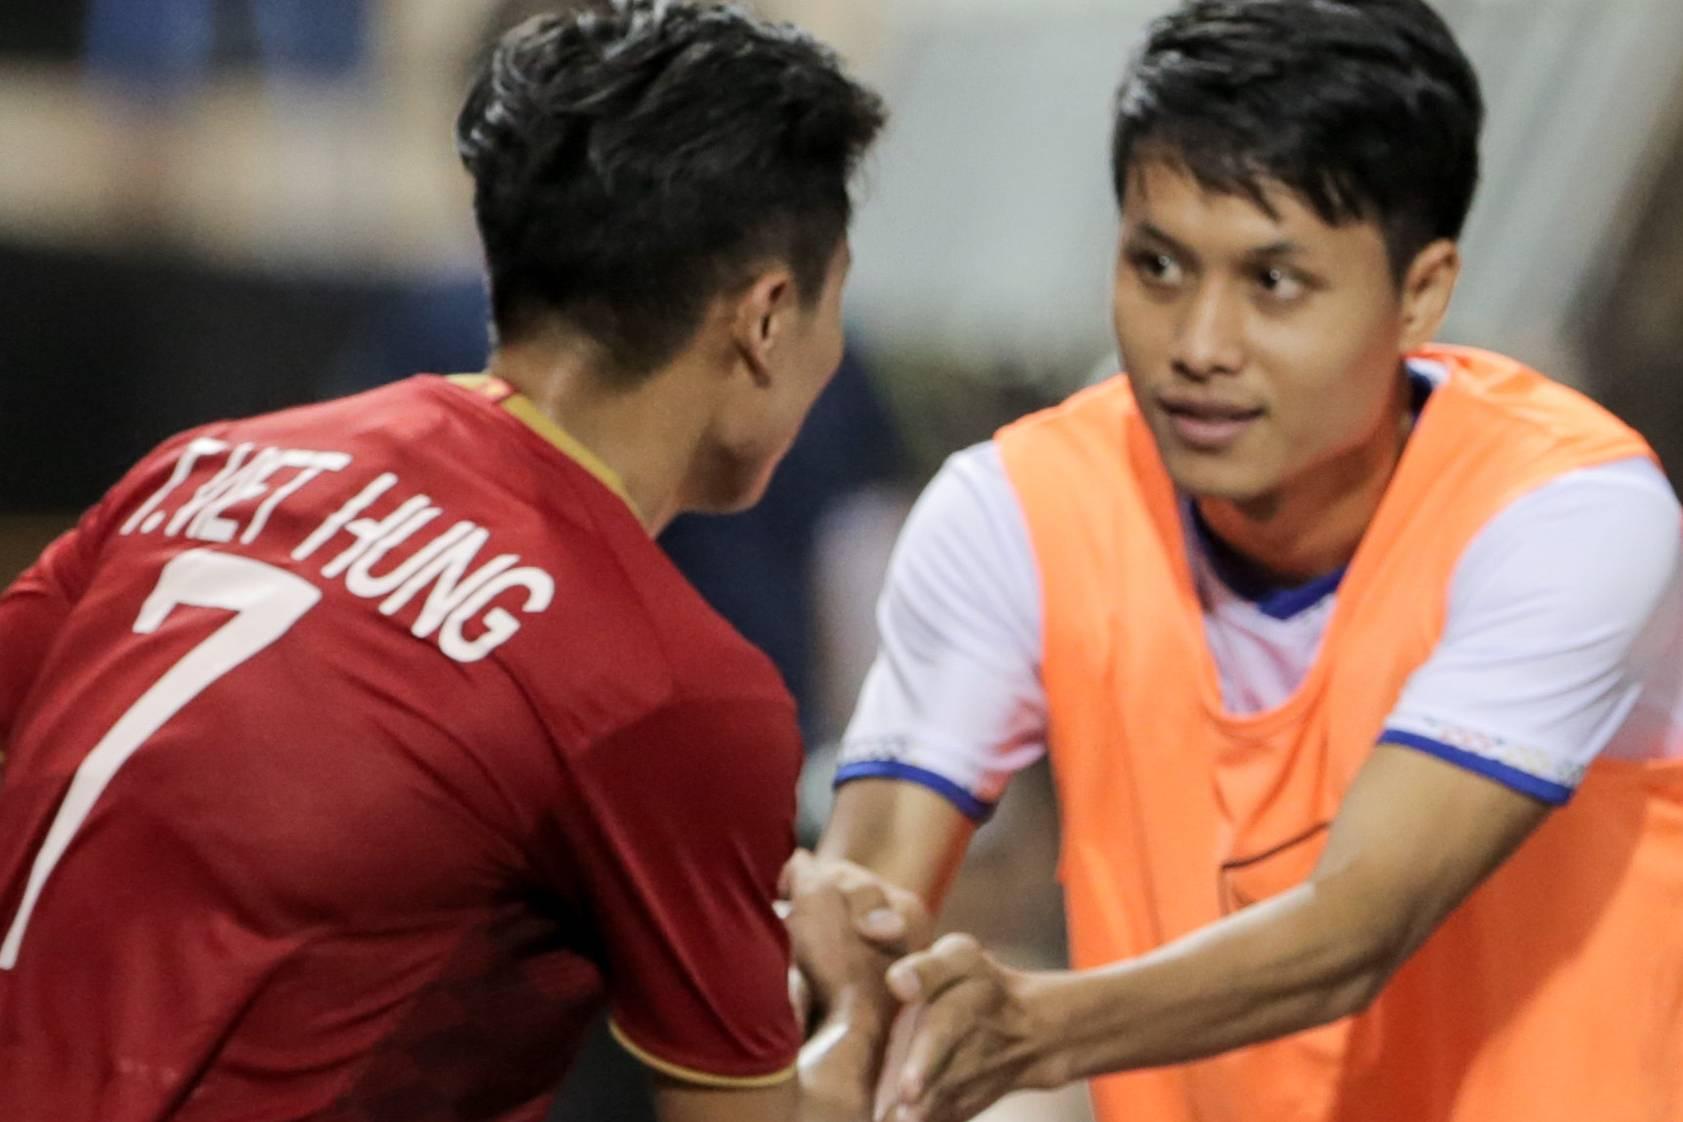 Người Lào lịch sự: Tìm gặp bằng được và xin lỗi cầu thủ U22 Việt Nam sau pha phạm lỗi nguy hiểm